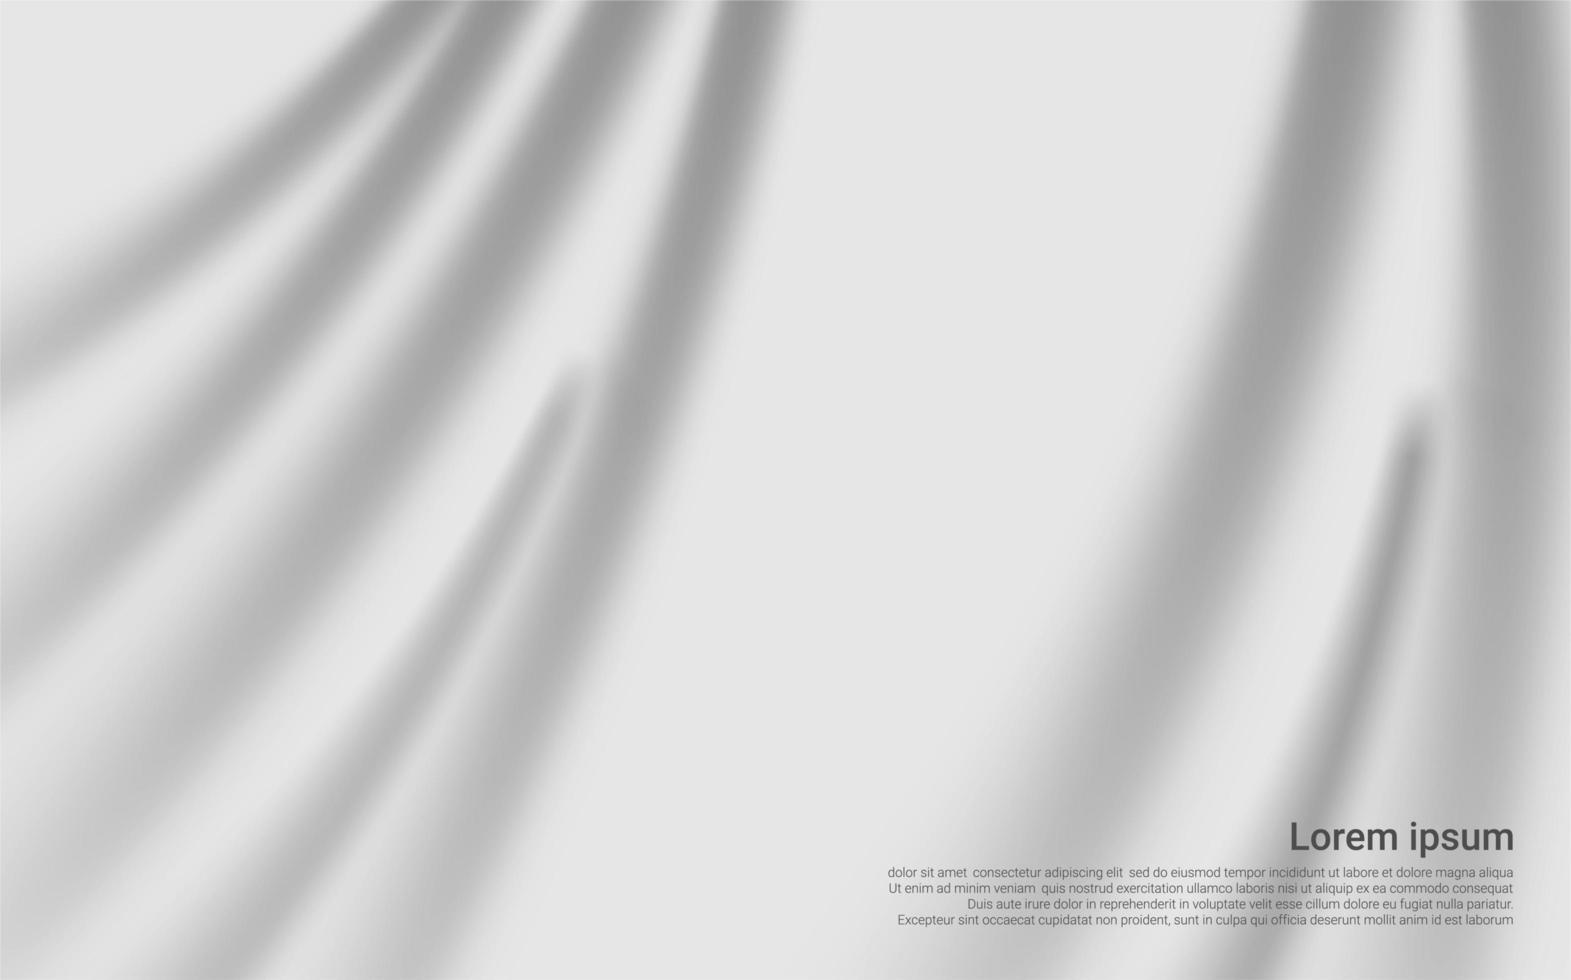 Luxus weiße Vorhang Textur vektor